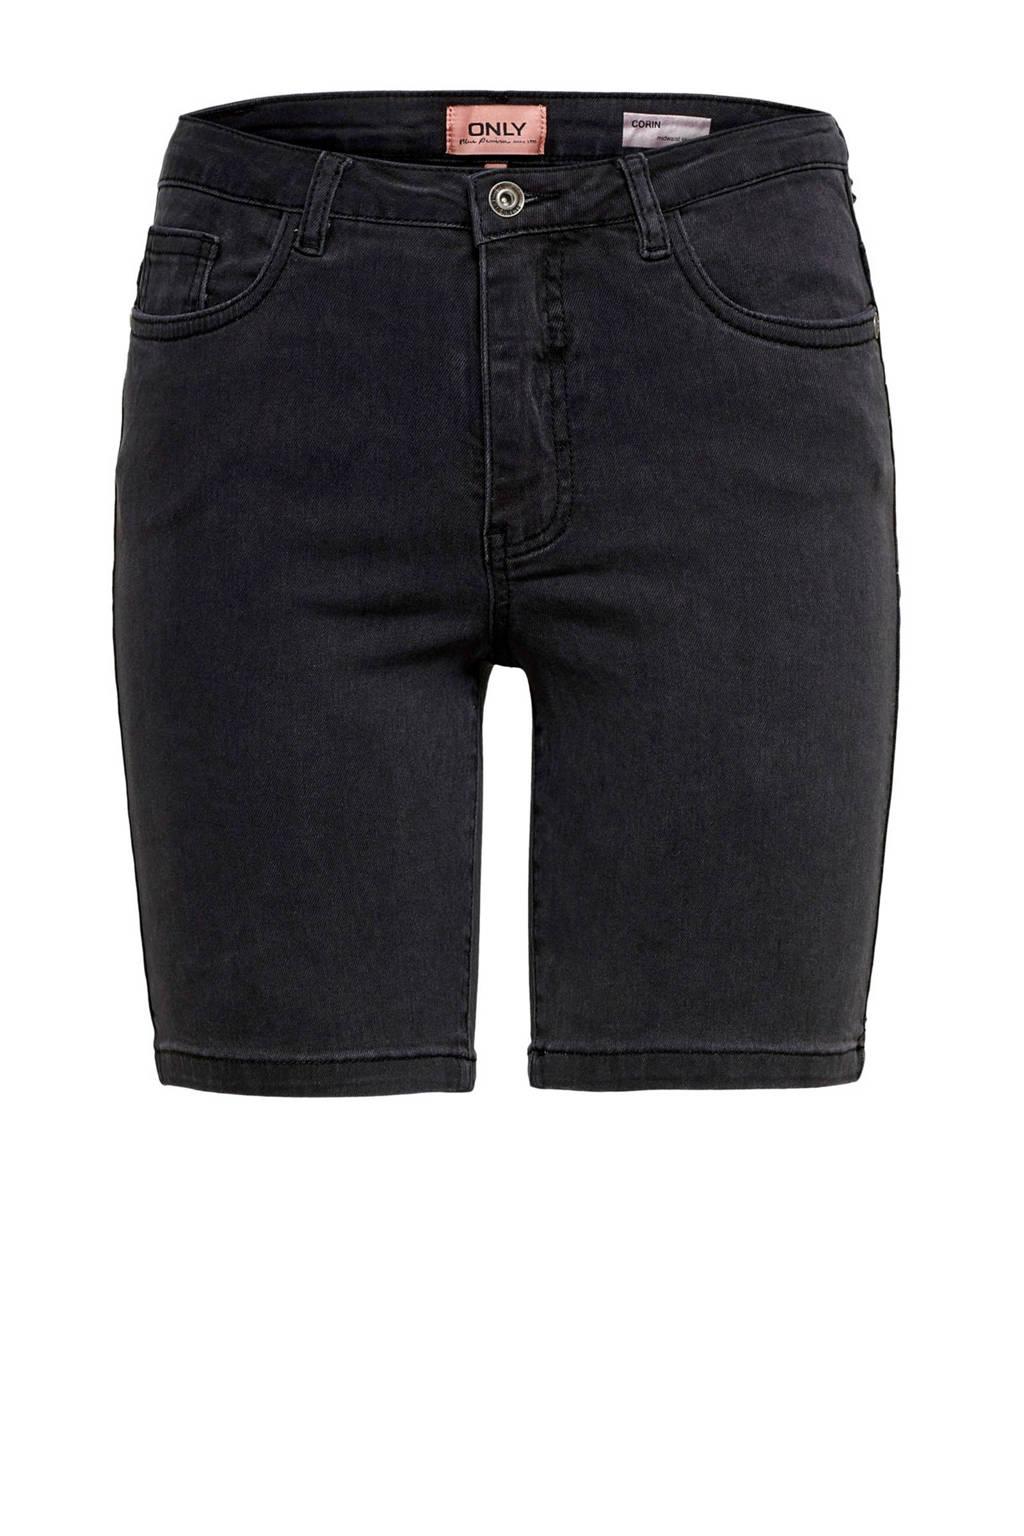 ONLY jeans short zwart, Zwart